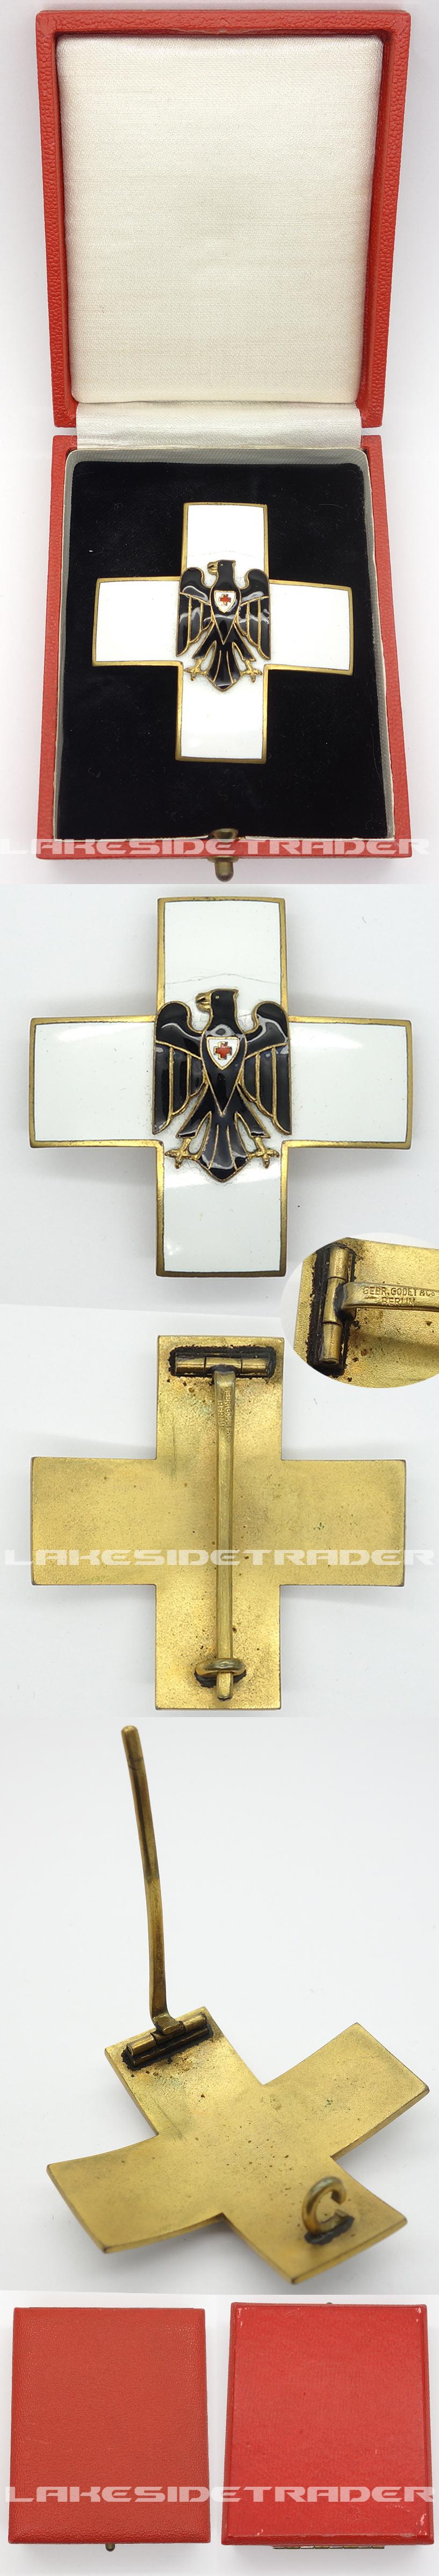 Cased Red Cross Honor Award 2nd Model, (1934-1937) by Godet